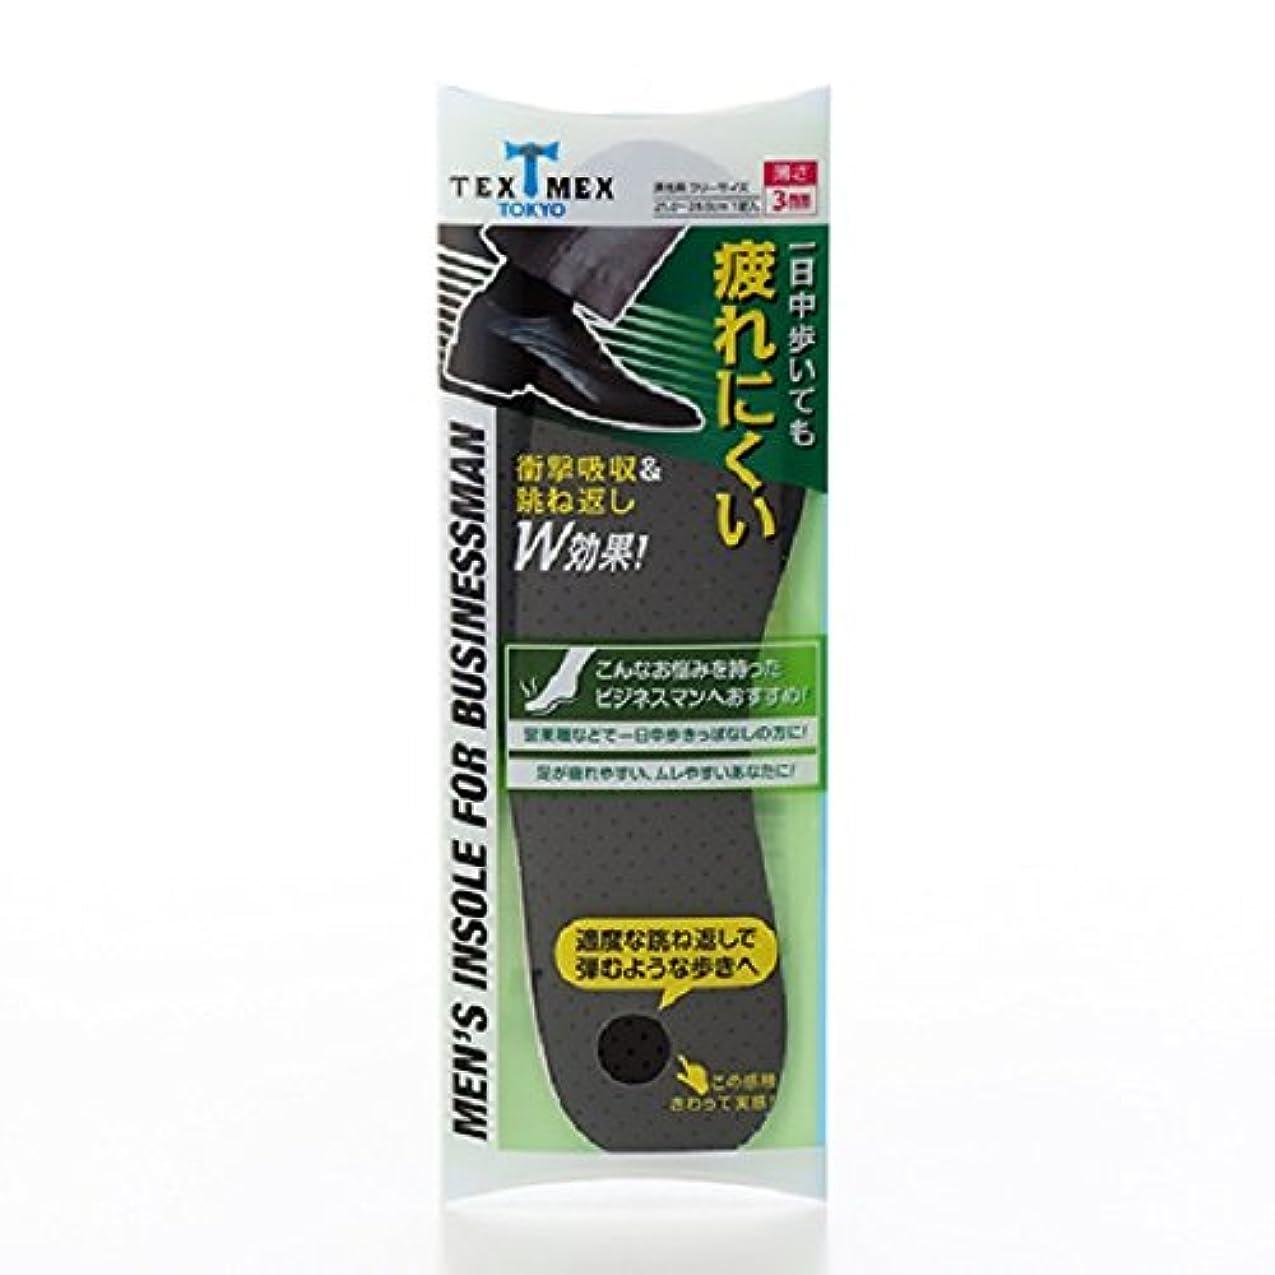 市民権シソーラス階段テックスメックス 衝撃吸収メンズインソール 1足分 25cm~28cm (男性用インソール) 【足の疲れや痛み、ムレ対策に】